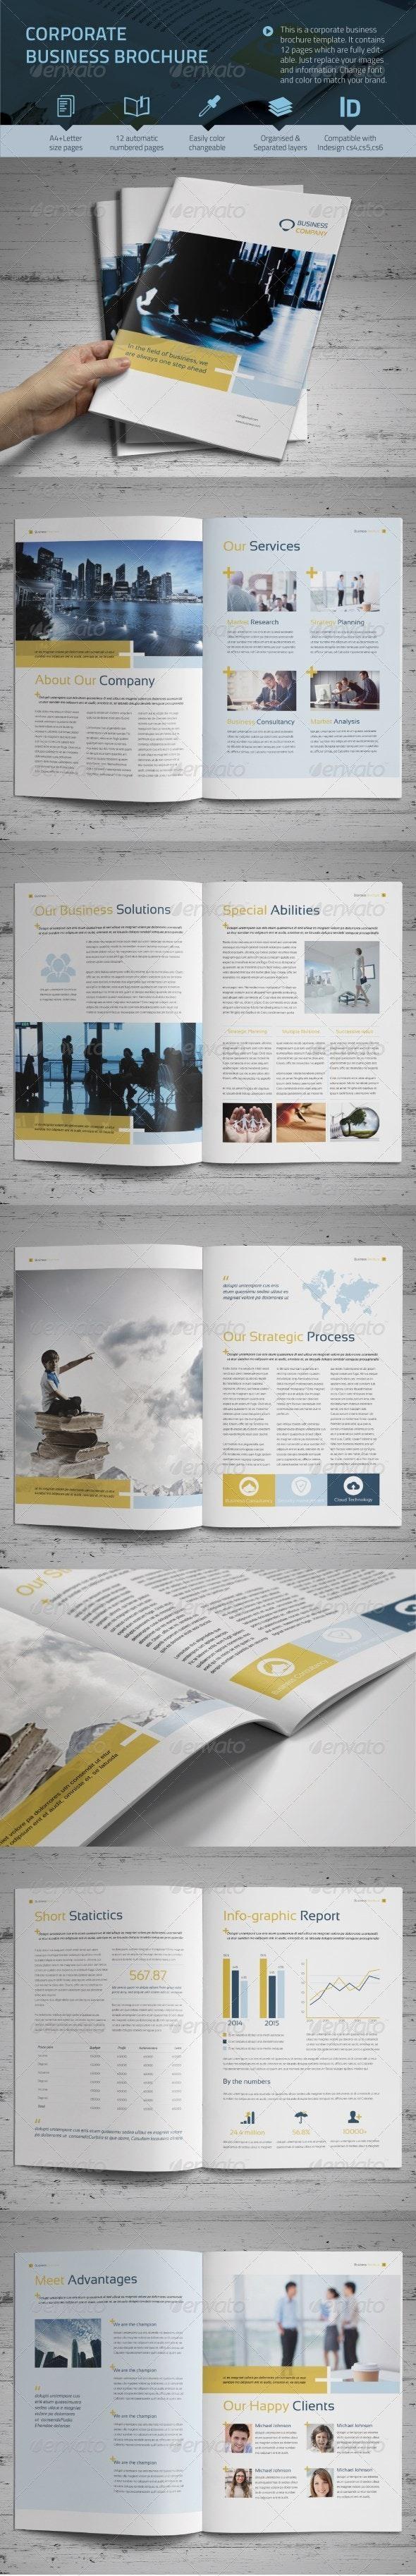 Corporate Business Brochure vol.2 - Informational Brochures